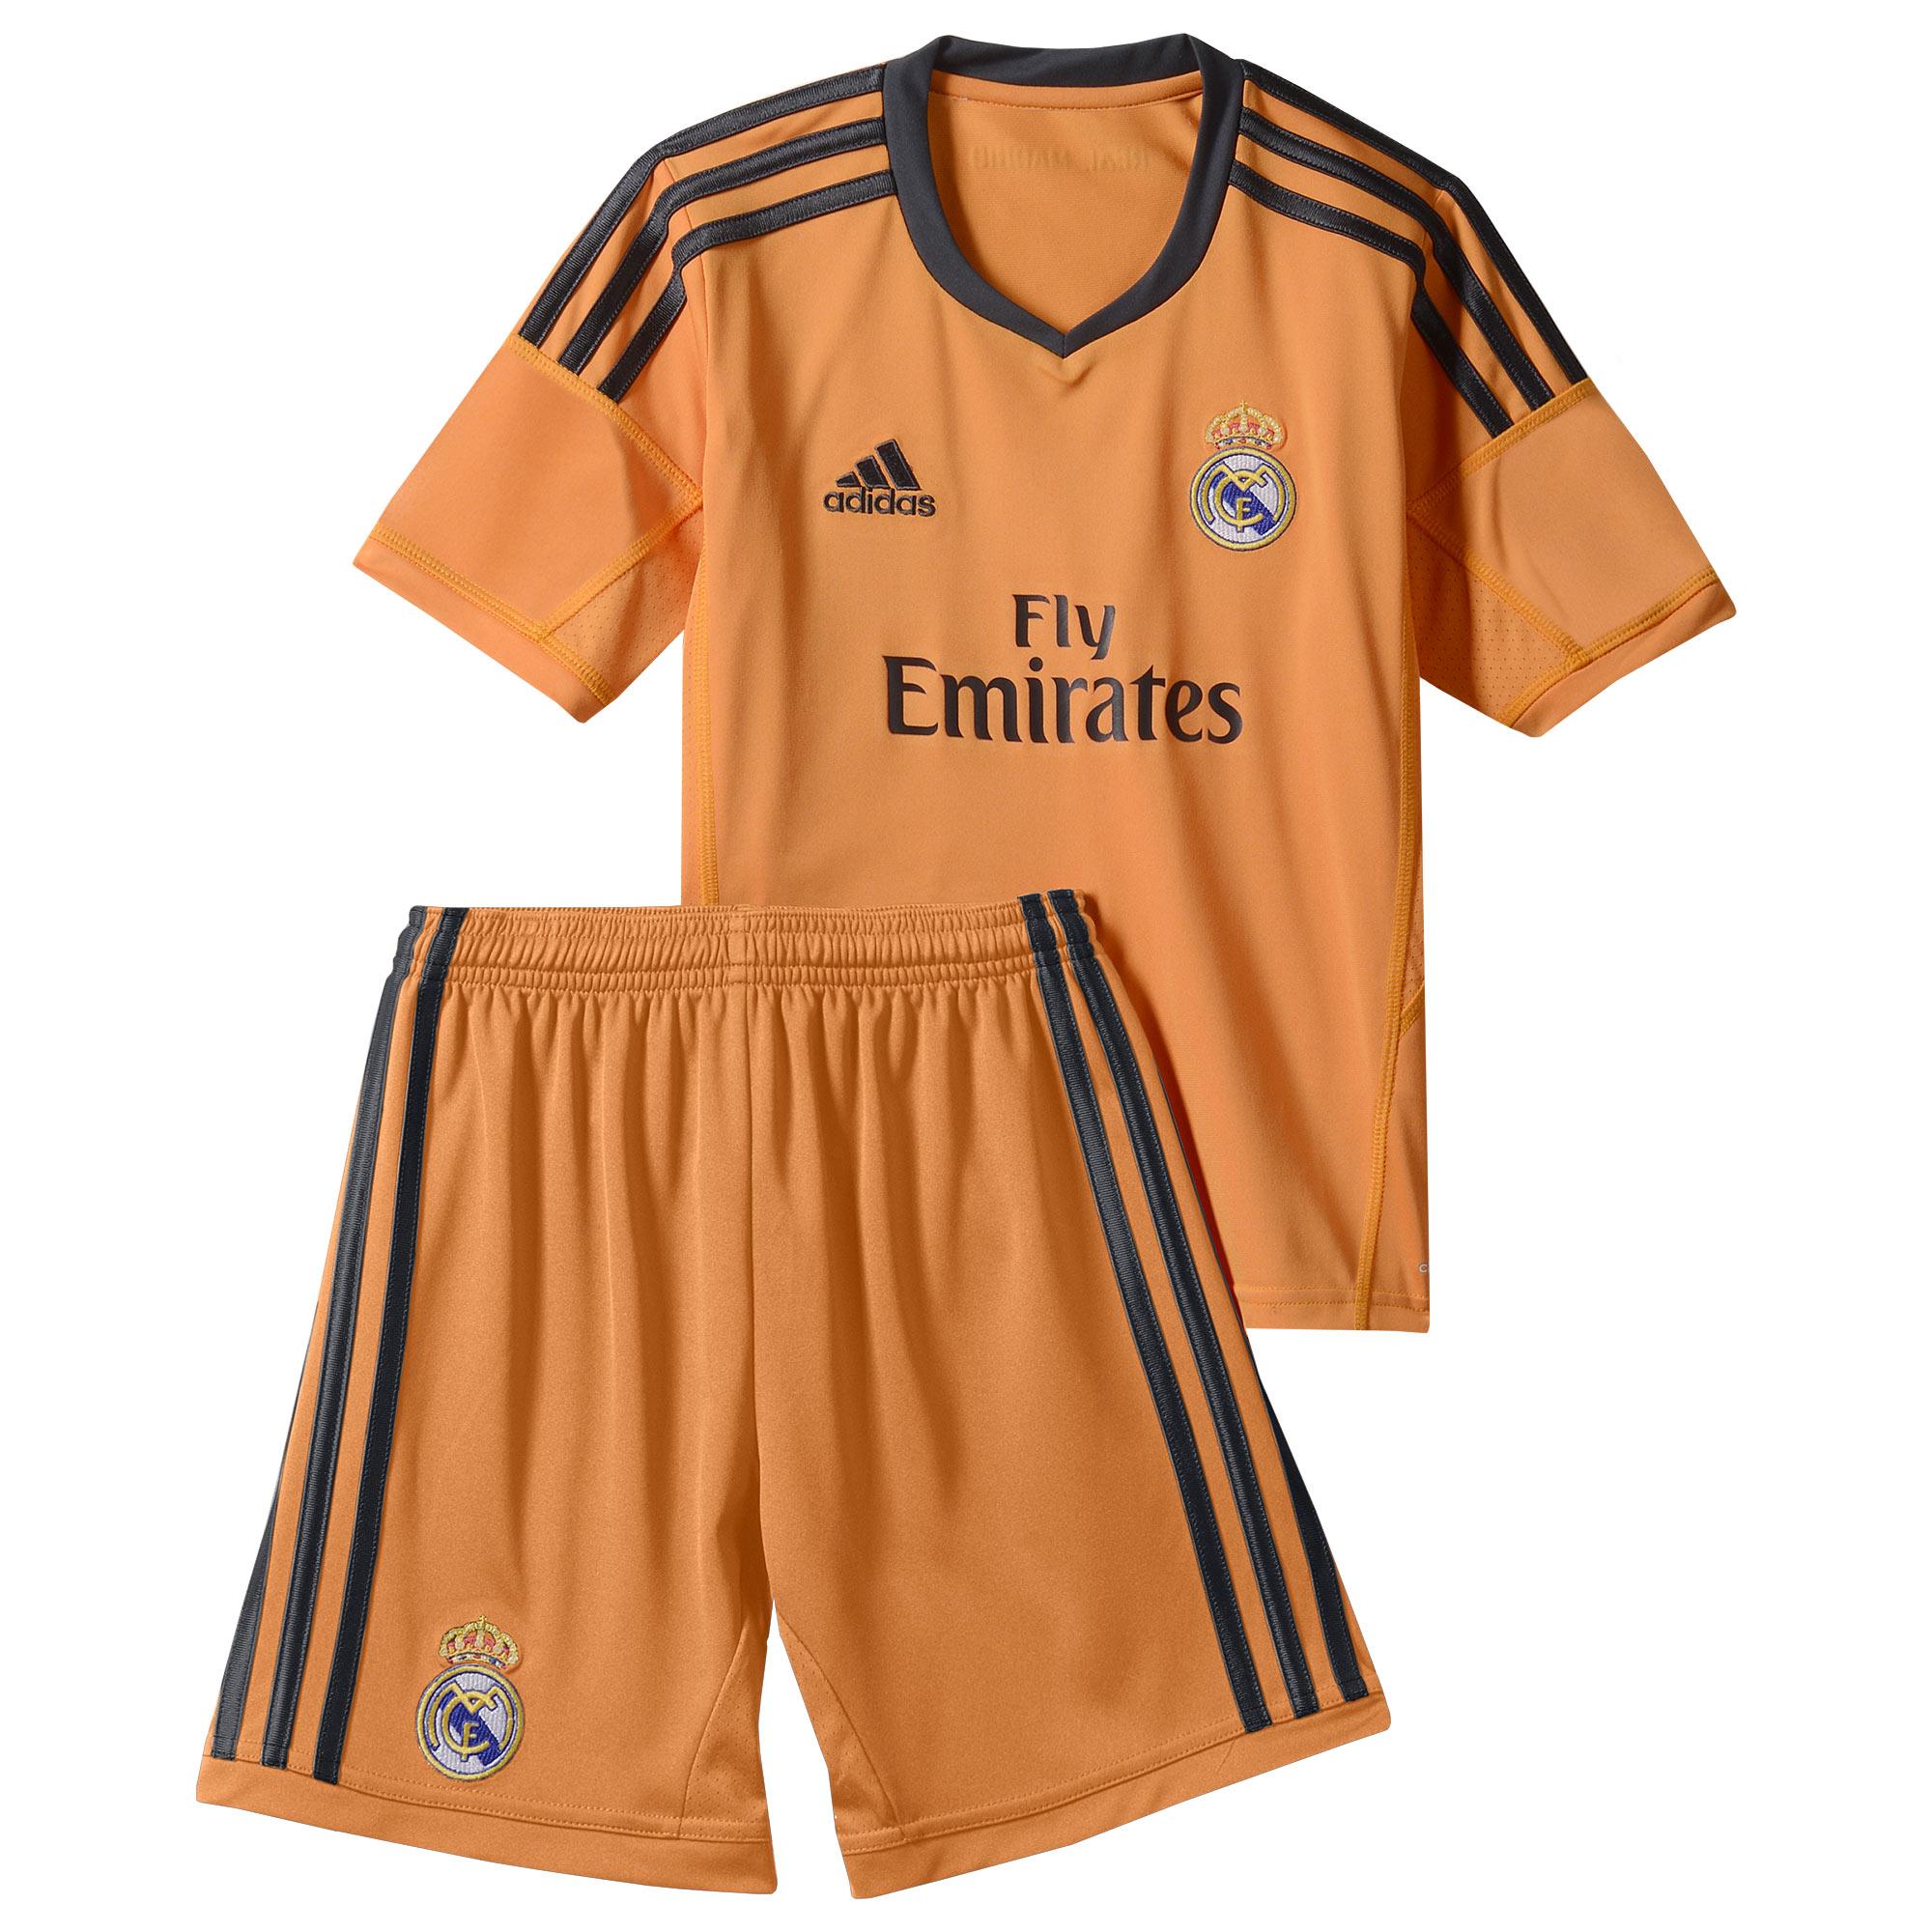 Футбольная форма Adidas !13-14 футбольная форма adidas 77008 pds tabela 14 ls